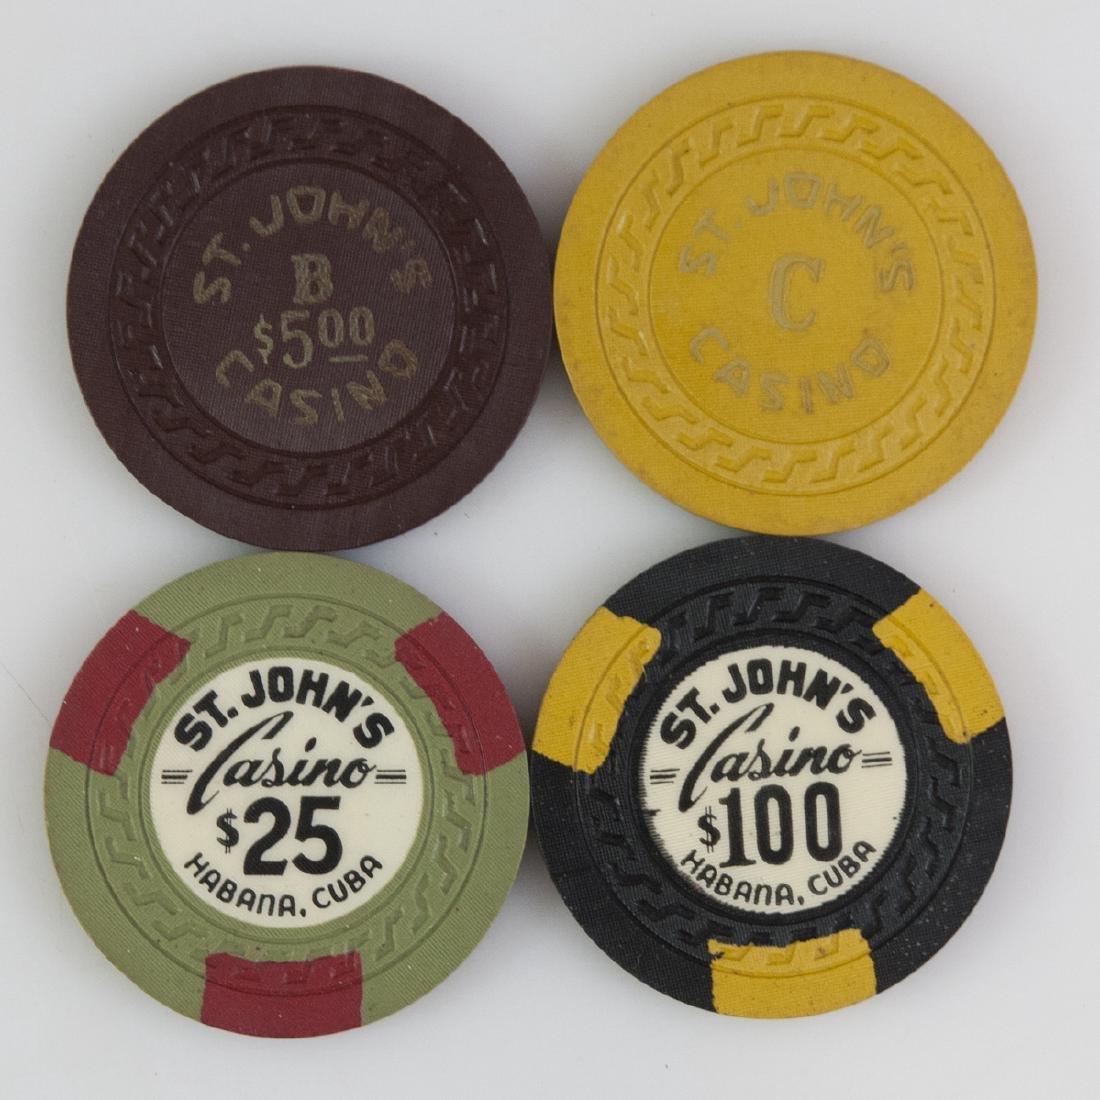 St. John's Casino Habana Chips - 2